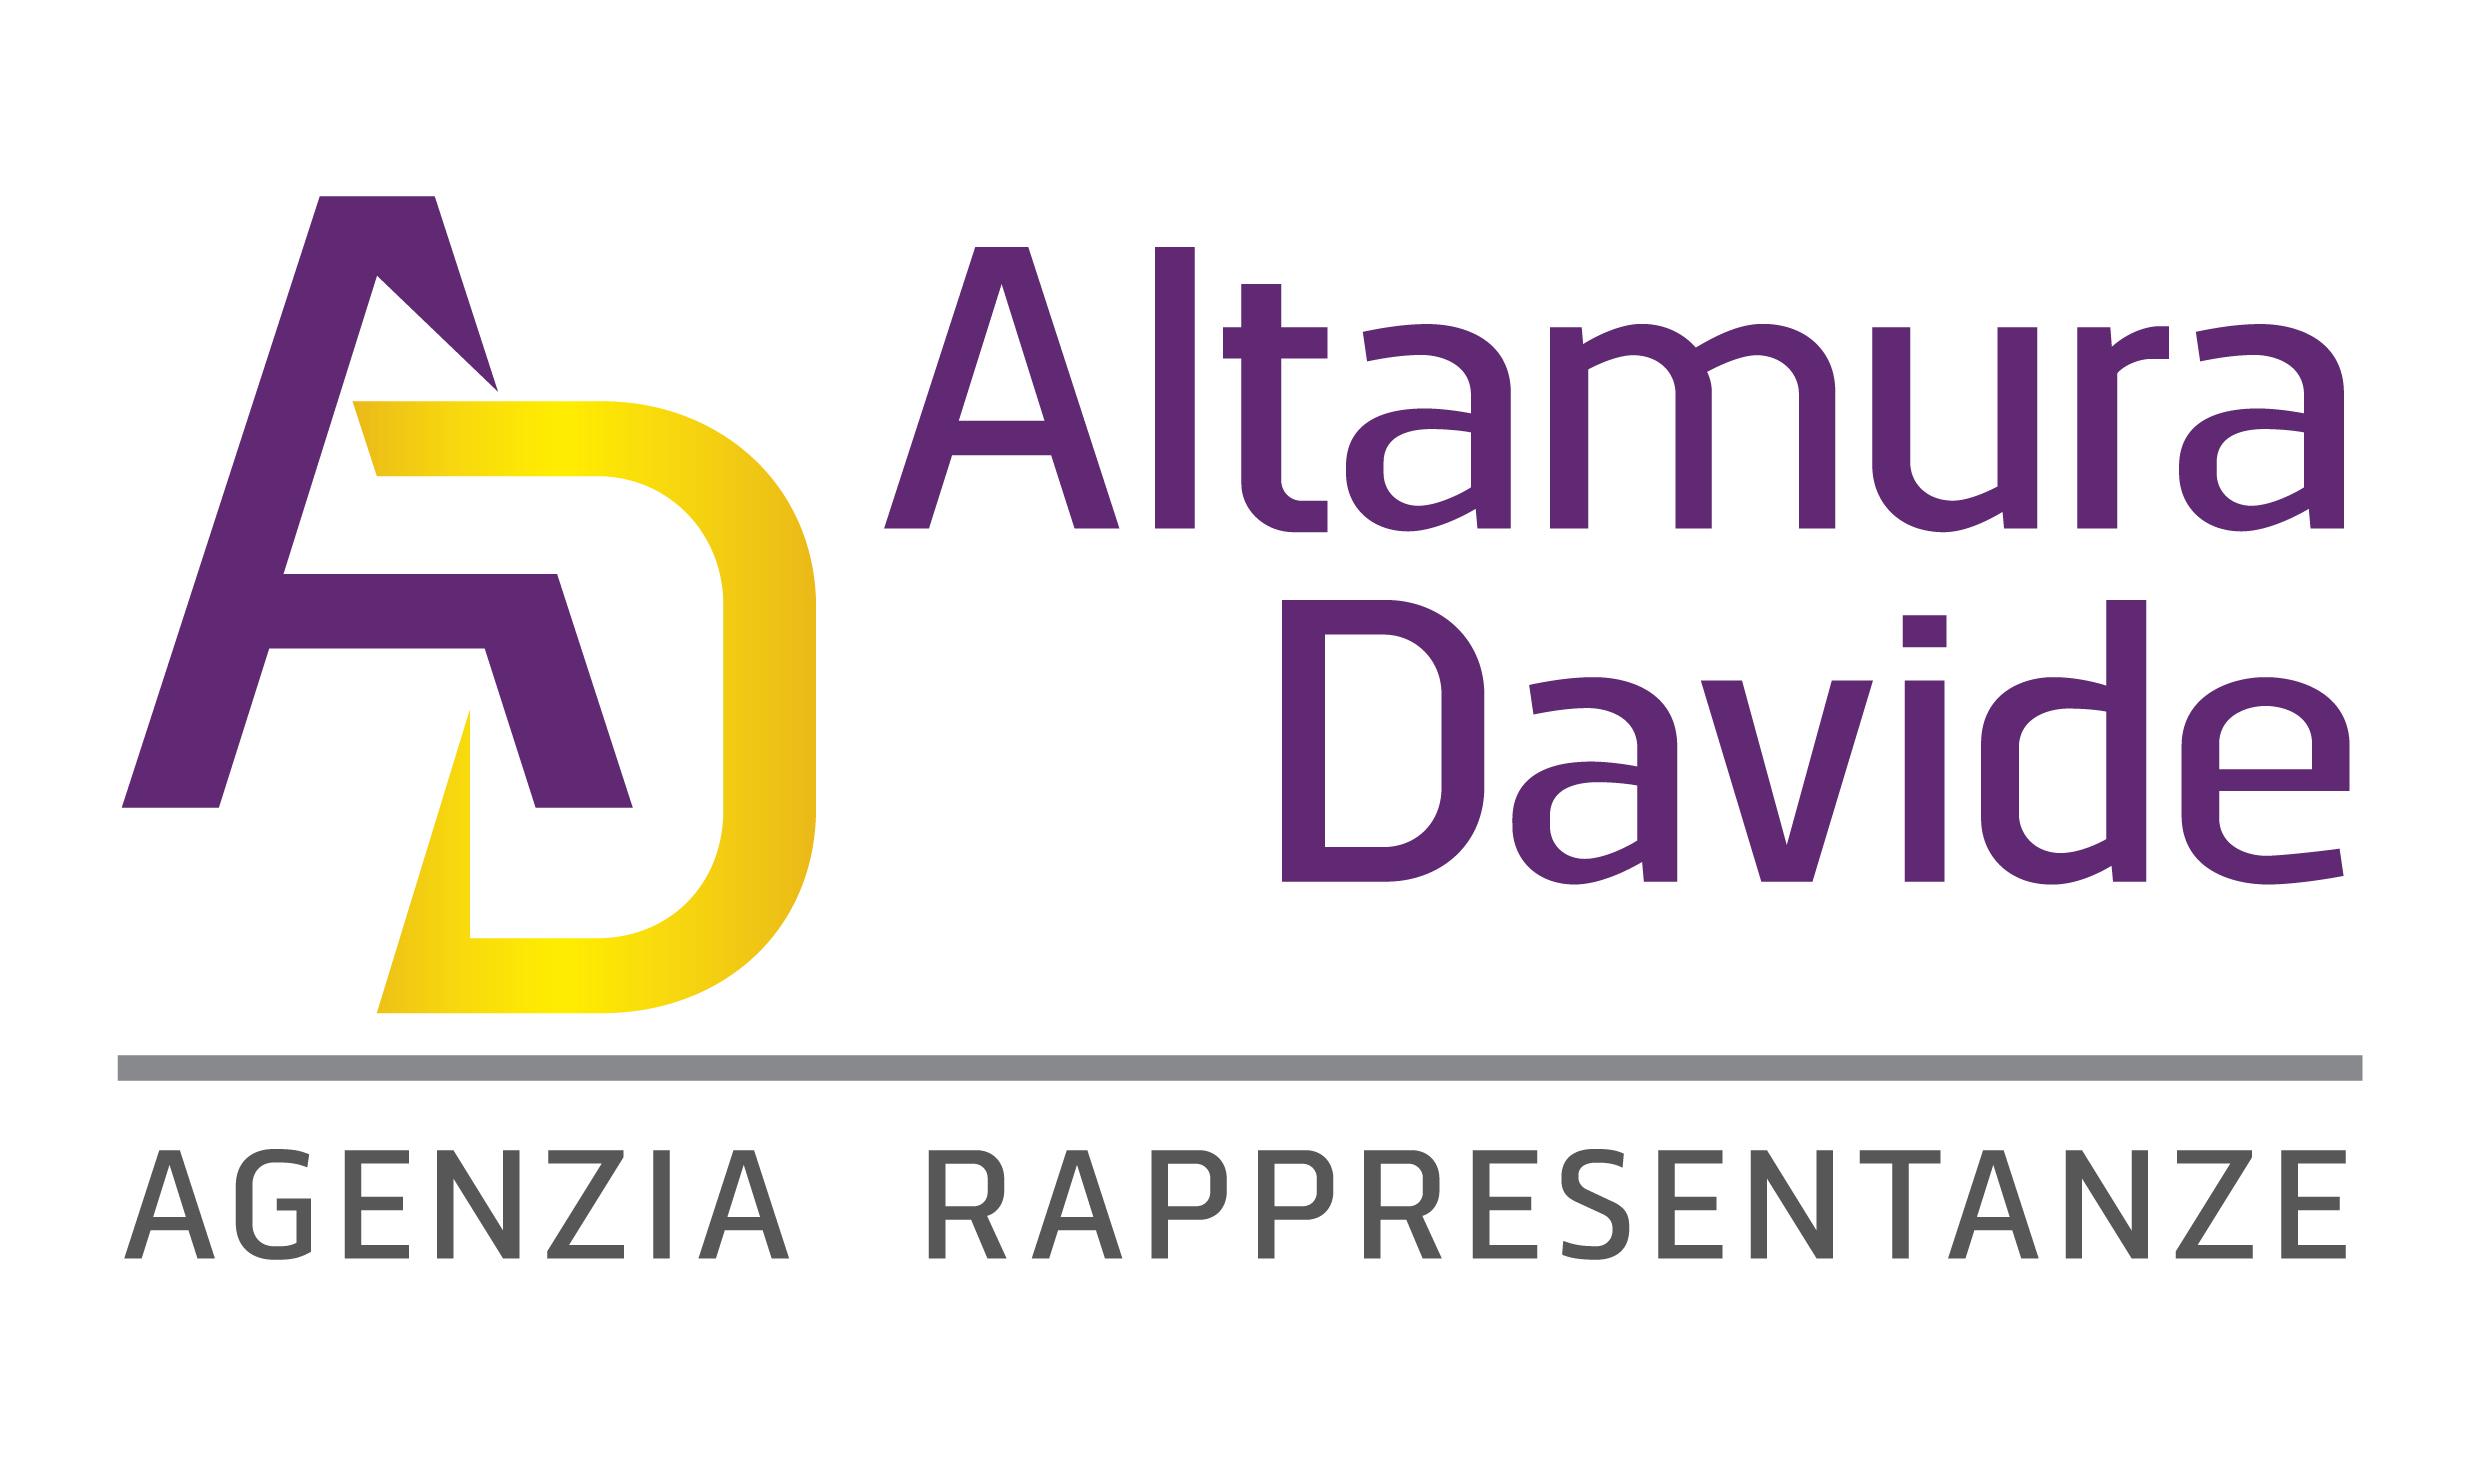 ALTAMURA DAVIDE